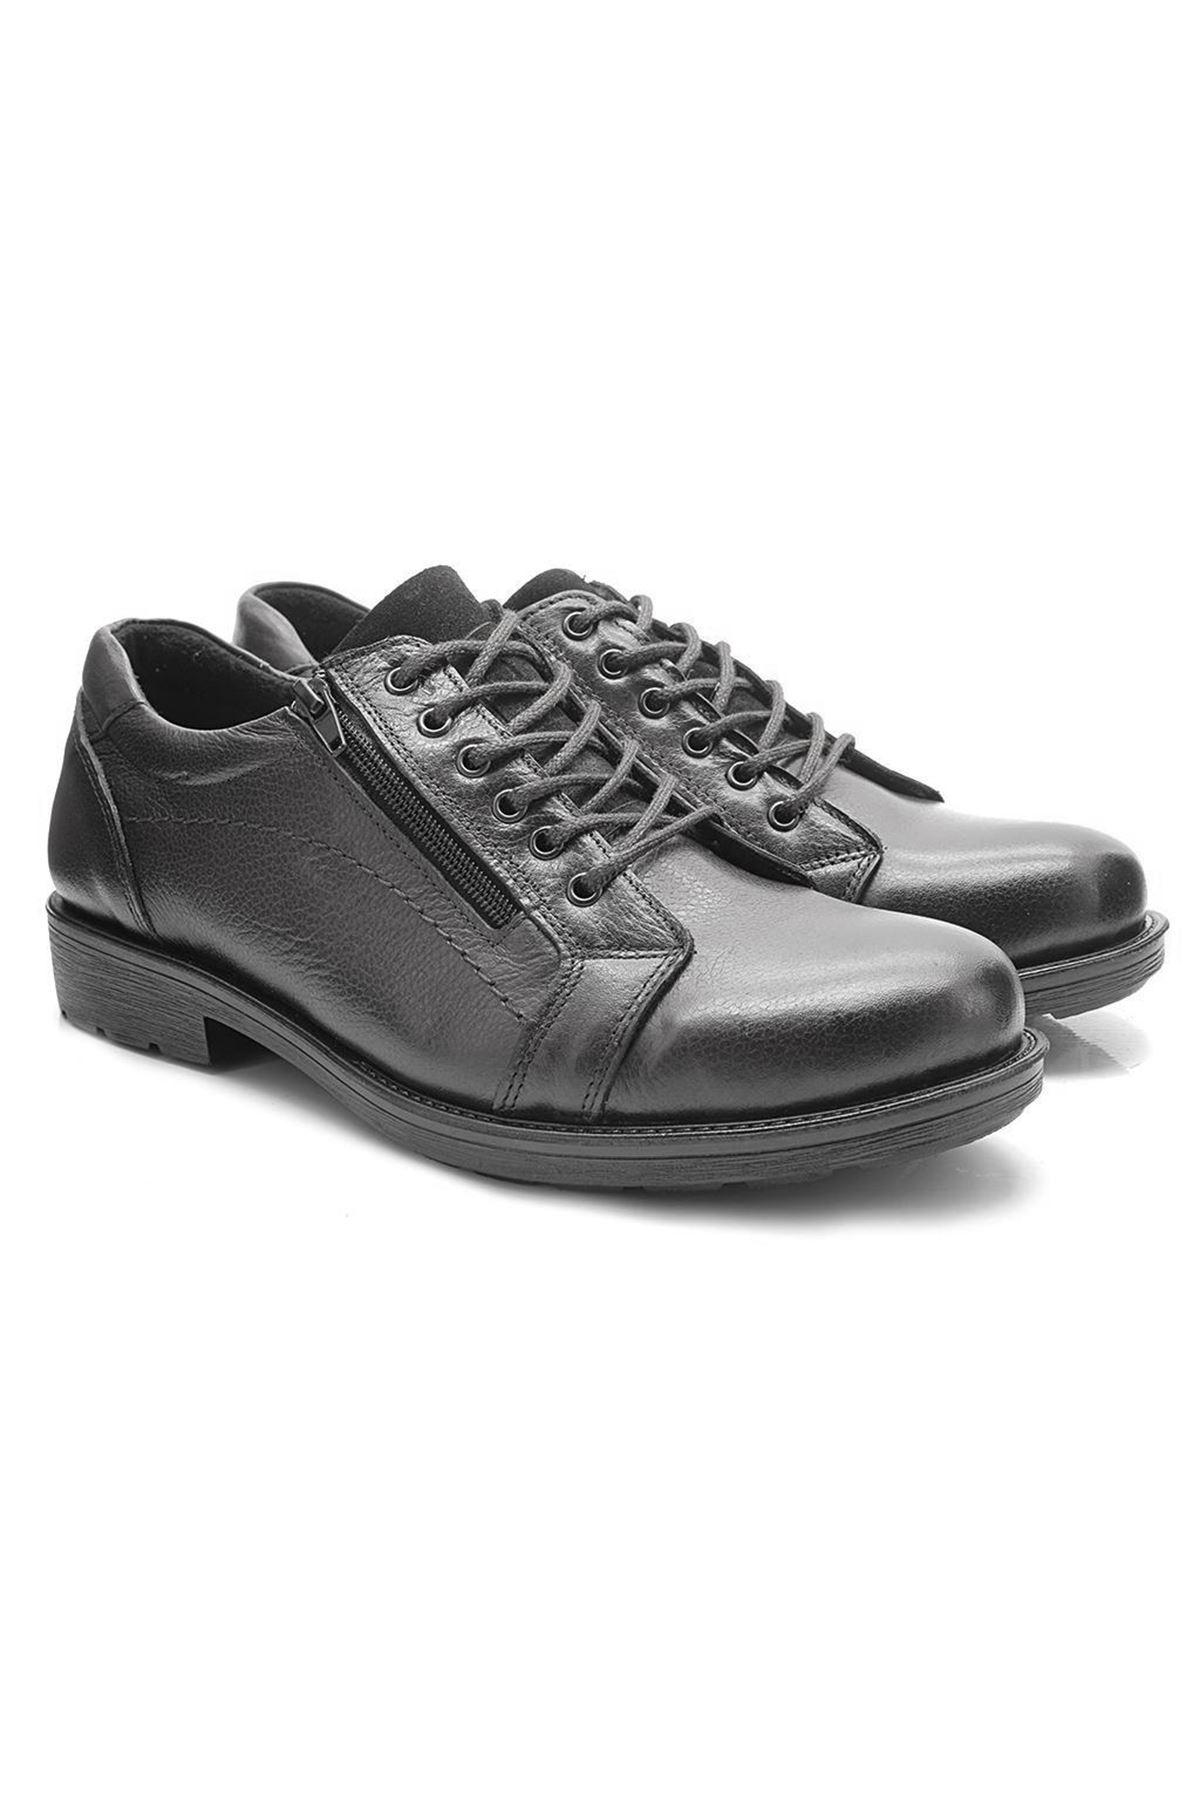 Flies 3300 Siyah Spor Klasik Erkek Ayakkabı